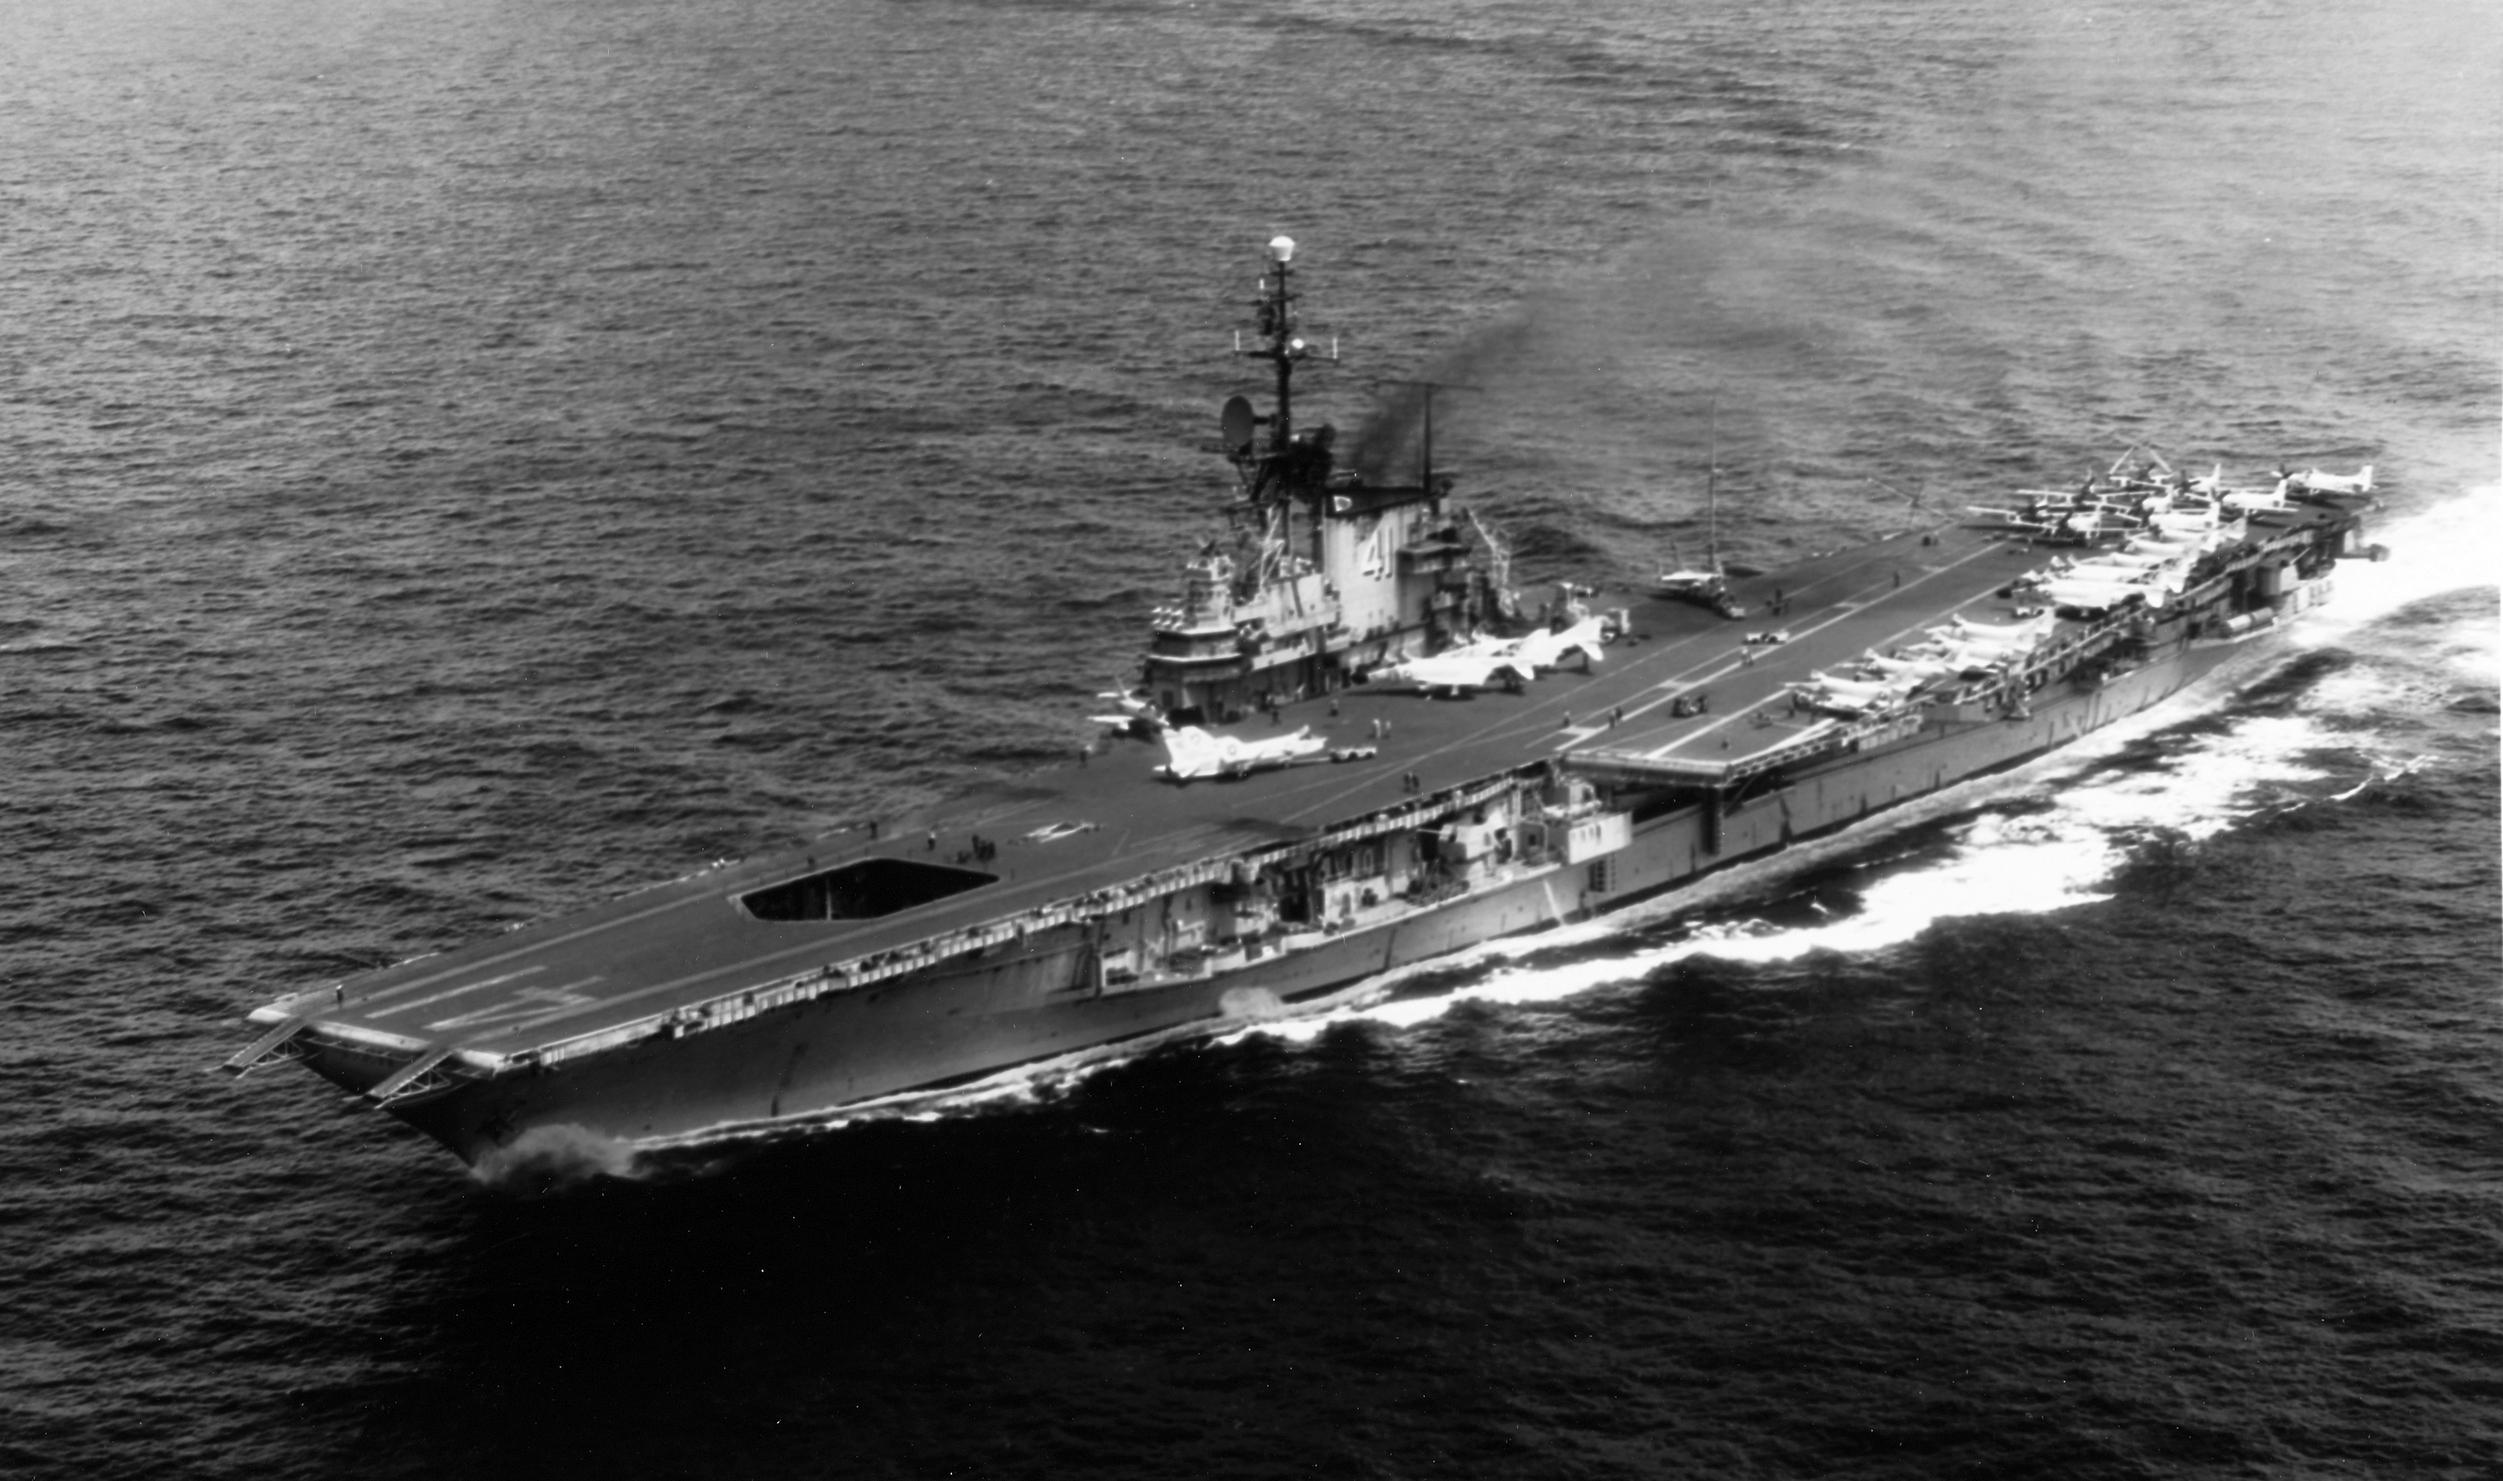 A Dél-kínai-tengeren járőröző Midway 1965-ben.